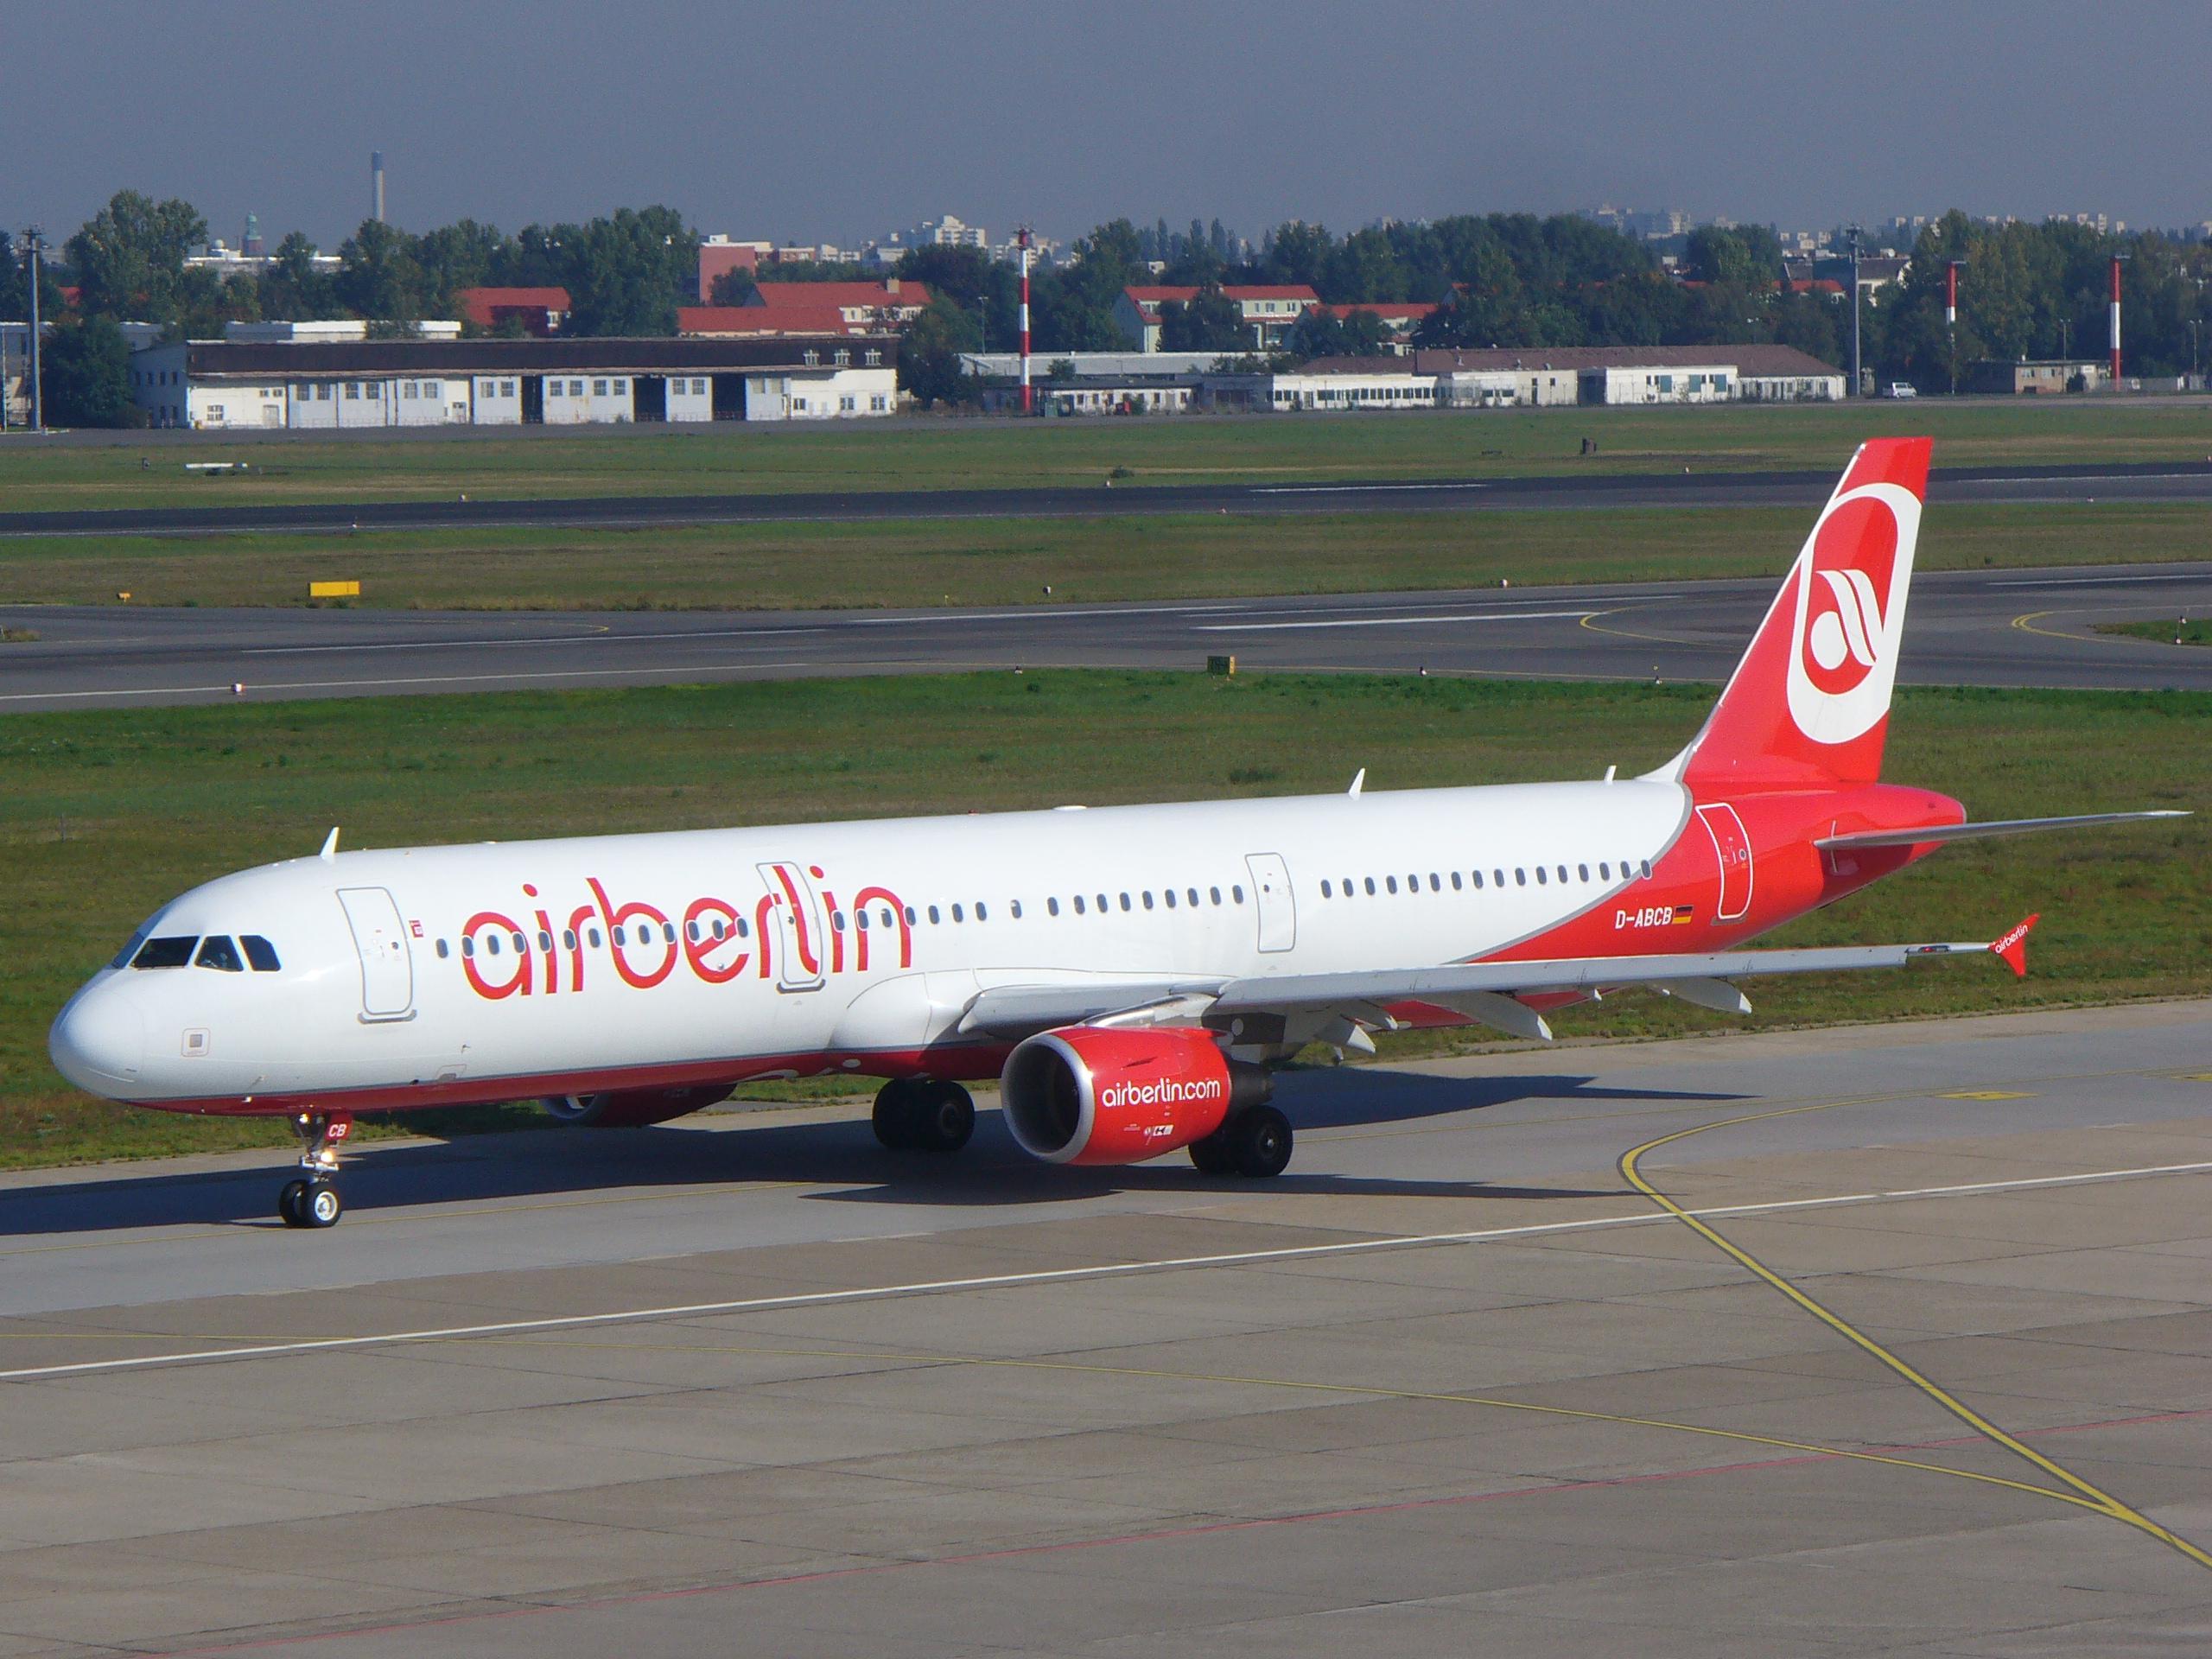 Air Berlin ist die zweitgrößte deutsche Fluggesellschaft (Sitz: Berlin); hier ein Airbus A321 am Drehkreuz in Tegel